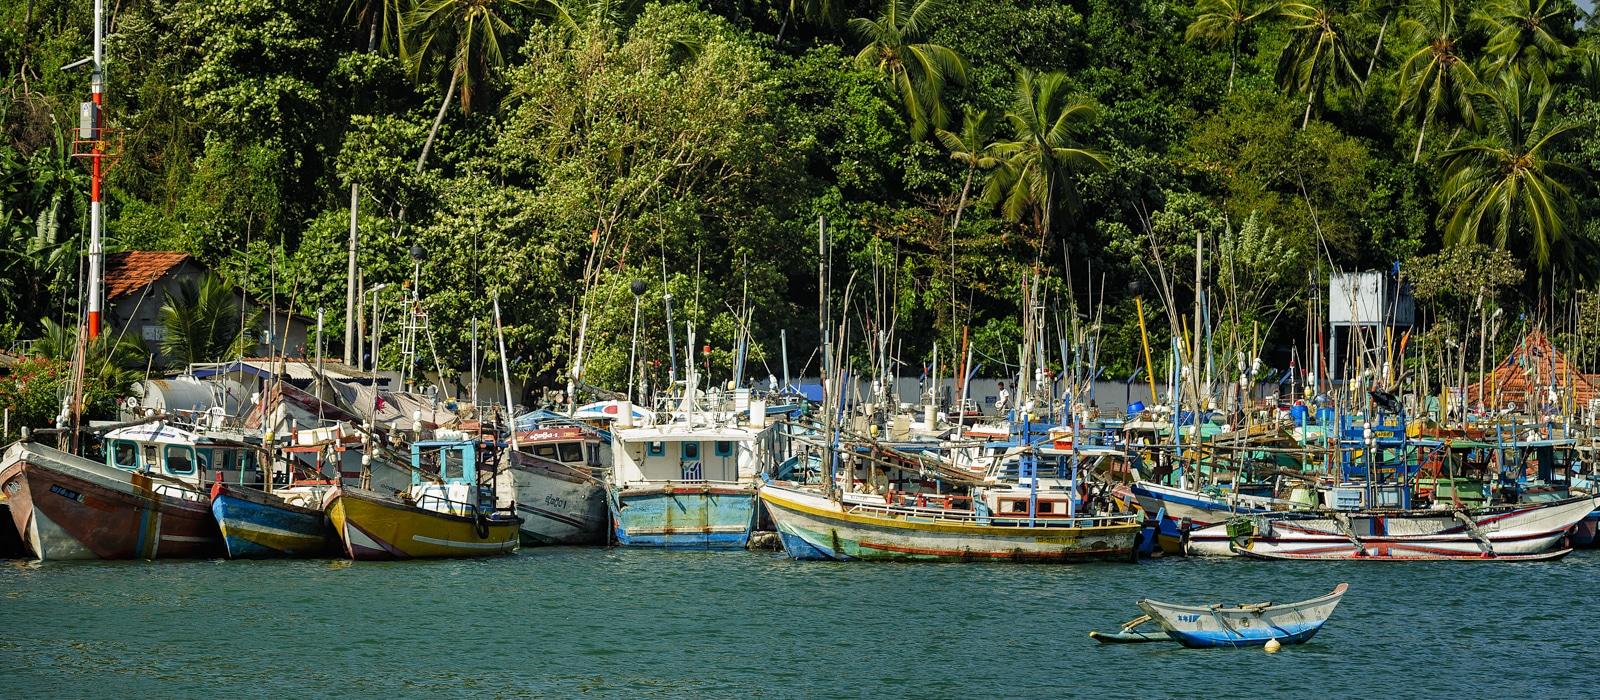 img-diapo-entete - Sri-Lanka-1600x700-4.jpg